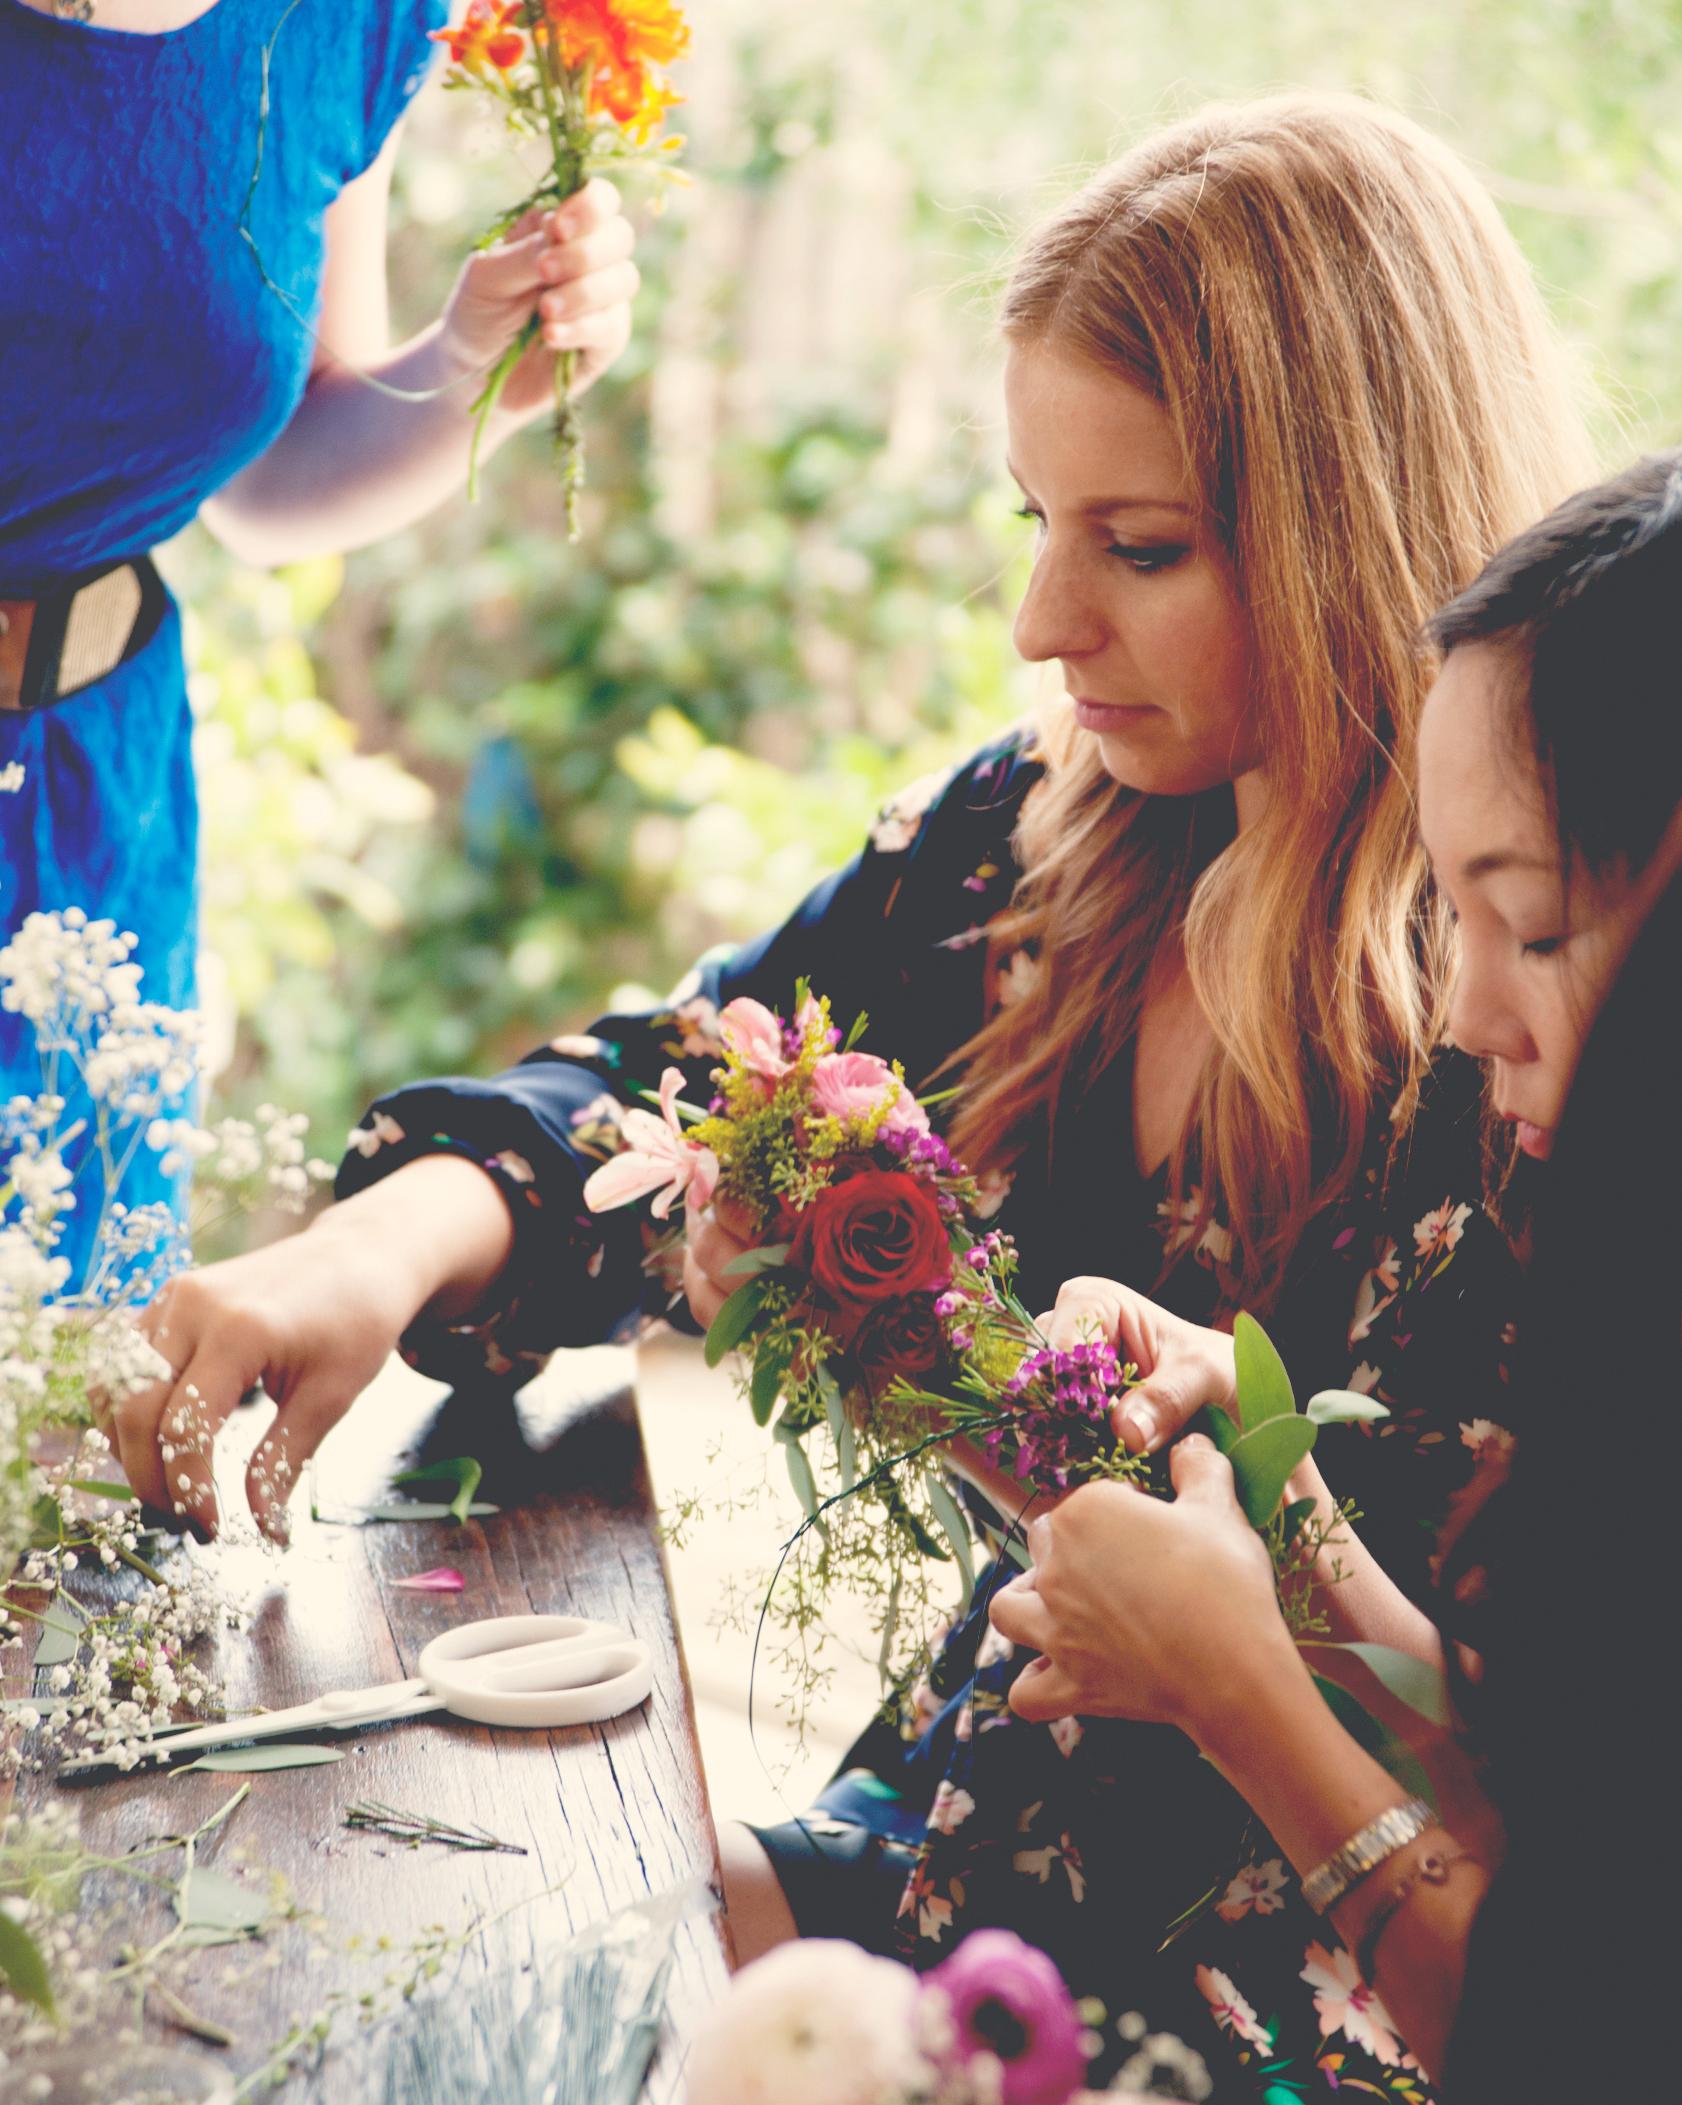 claire-thomas-bridal-shower-garden-friends-making-flower-craft-0814.jpg